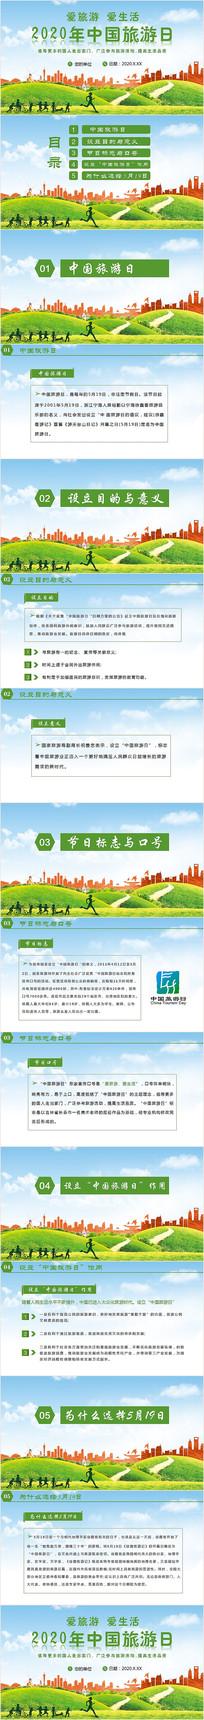 2020年中国旅游日PPT